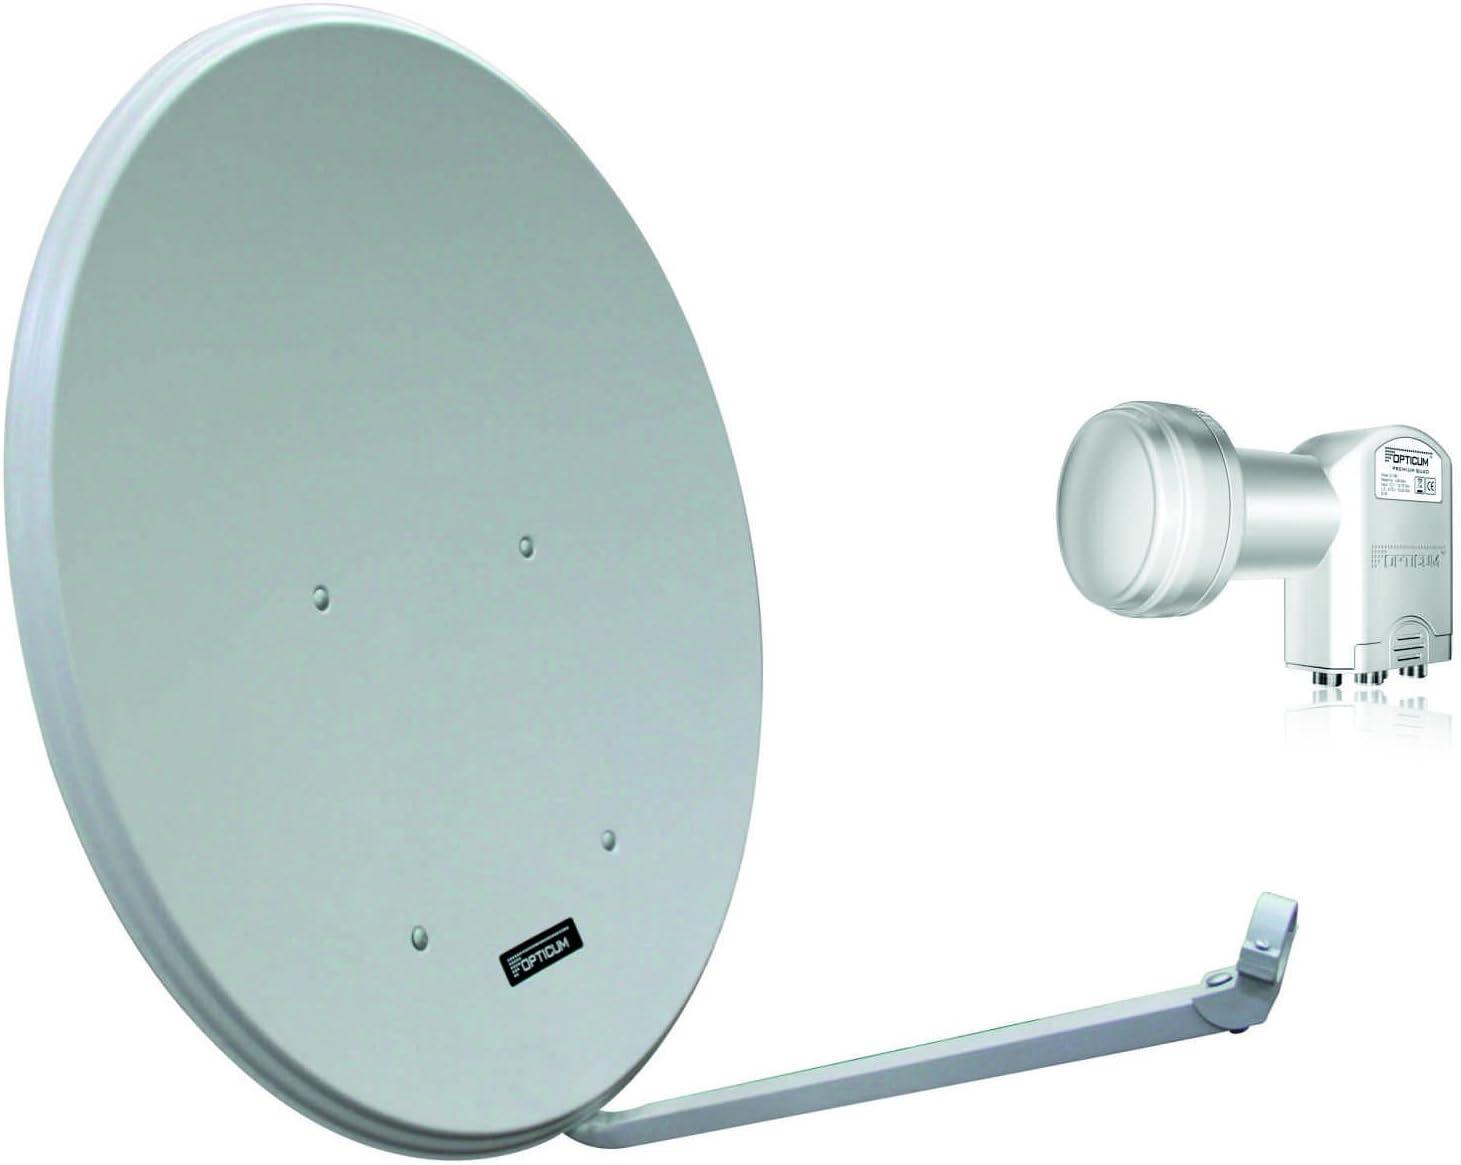 Opticum LH80 Sat Antena de Aluminio, Color: Gris Claro con ...